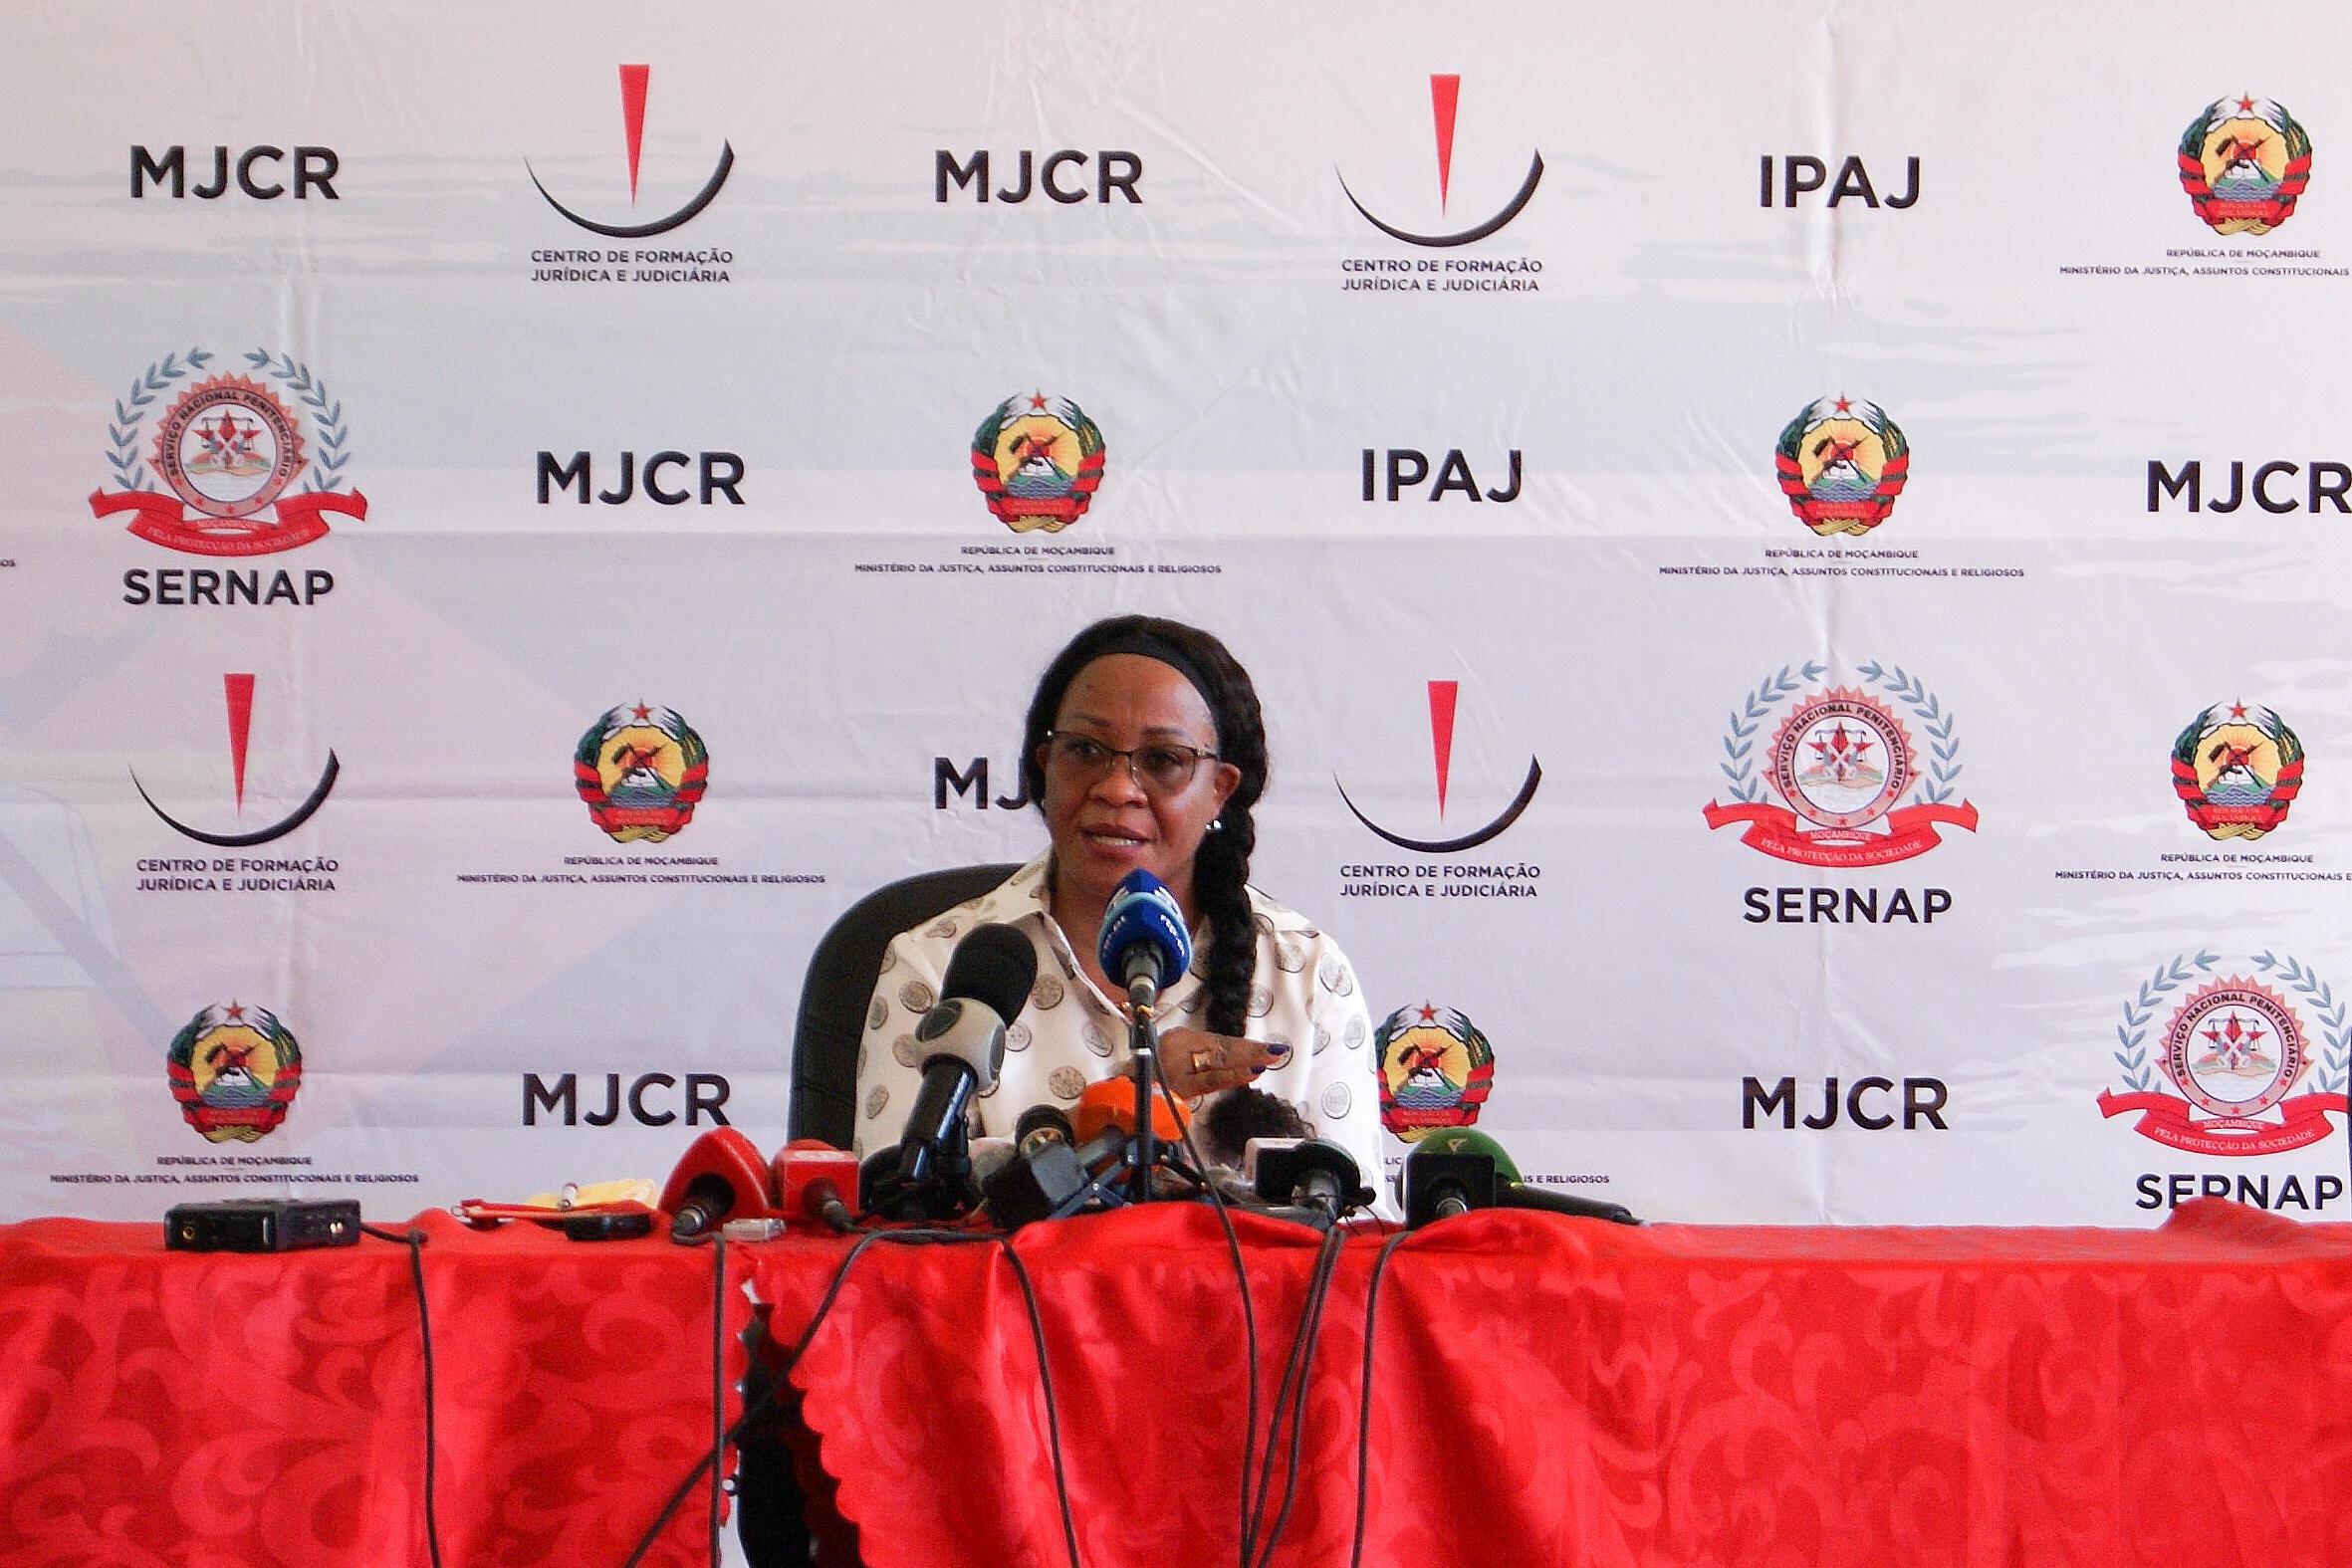 Helena Kida, ministra da justiça durante uma conferência de imprensa no Estabelecimento Penitenciário Especial para Mulheres de Maputo, Moçambique, 16 de Junho de 2021.